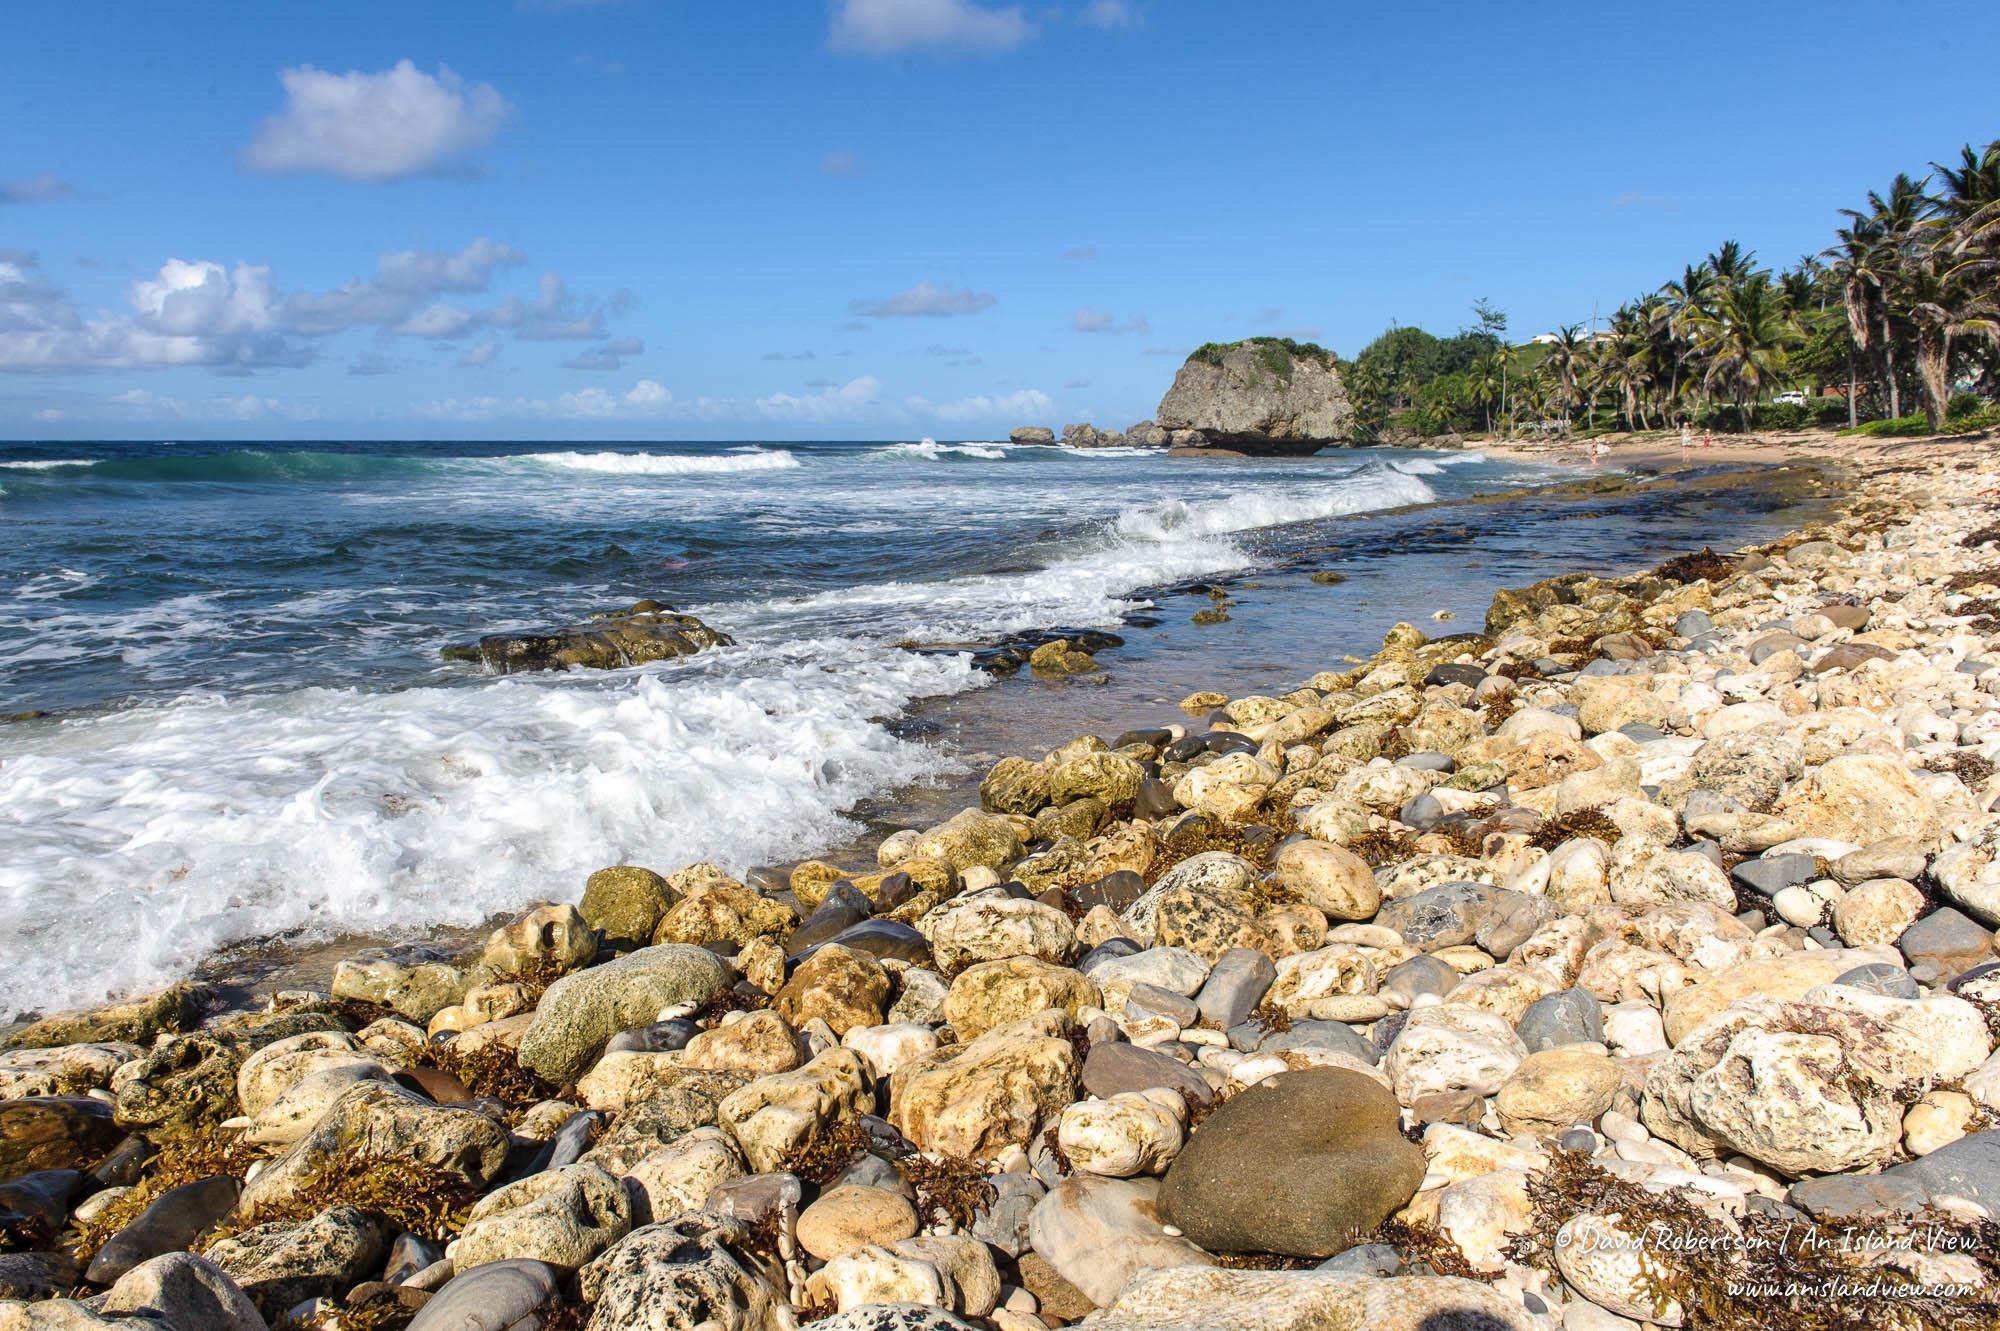 Bathsheba shore.